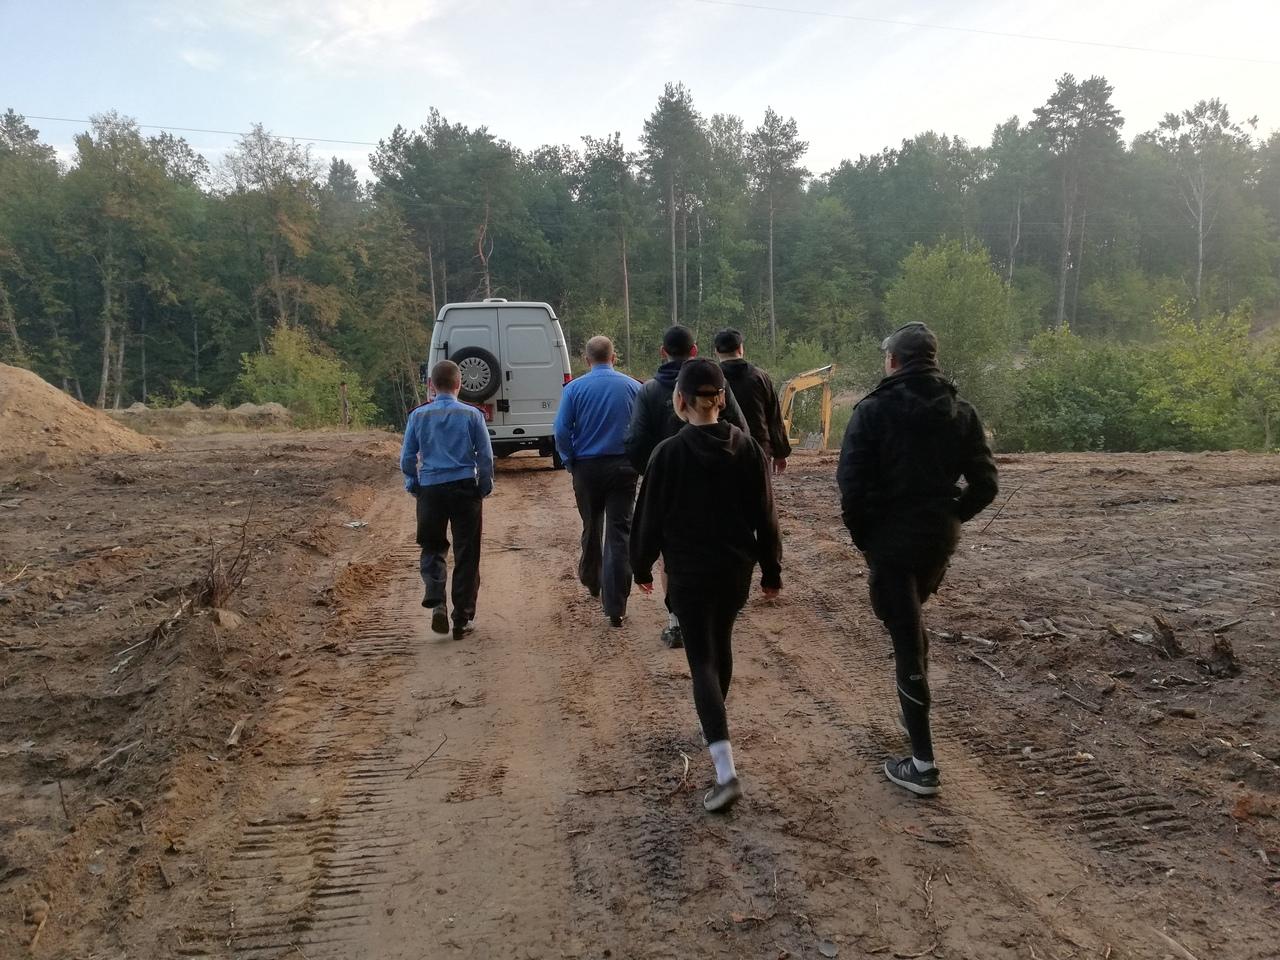 Сябры пайшлі ў лес, а трапілі ў РАУС, дзе іх пратрымалі 10 гадзін